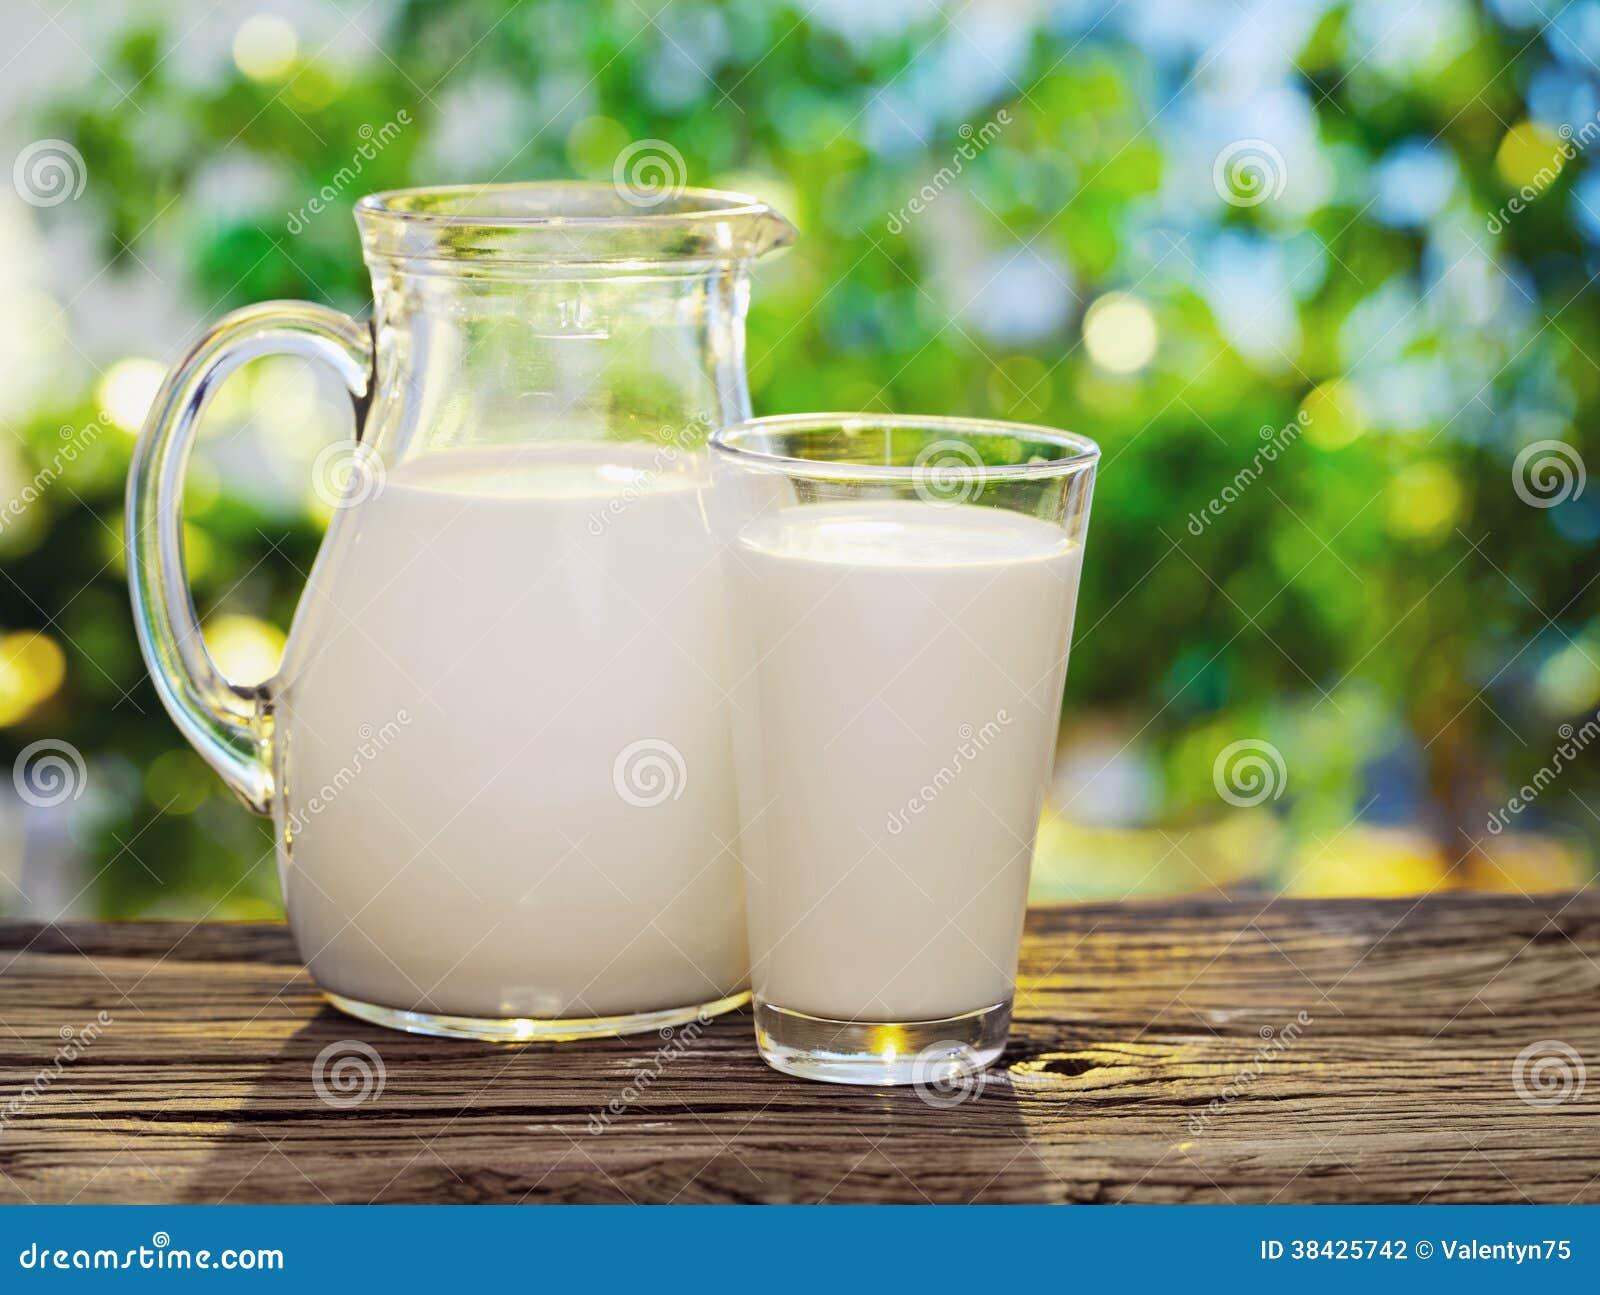 Melk in kruik en glas.